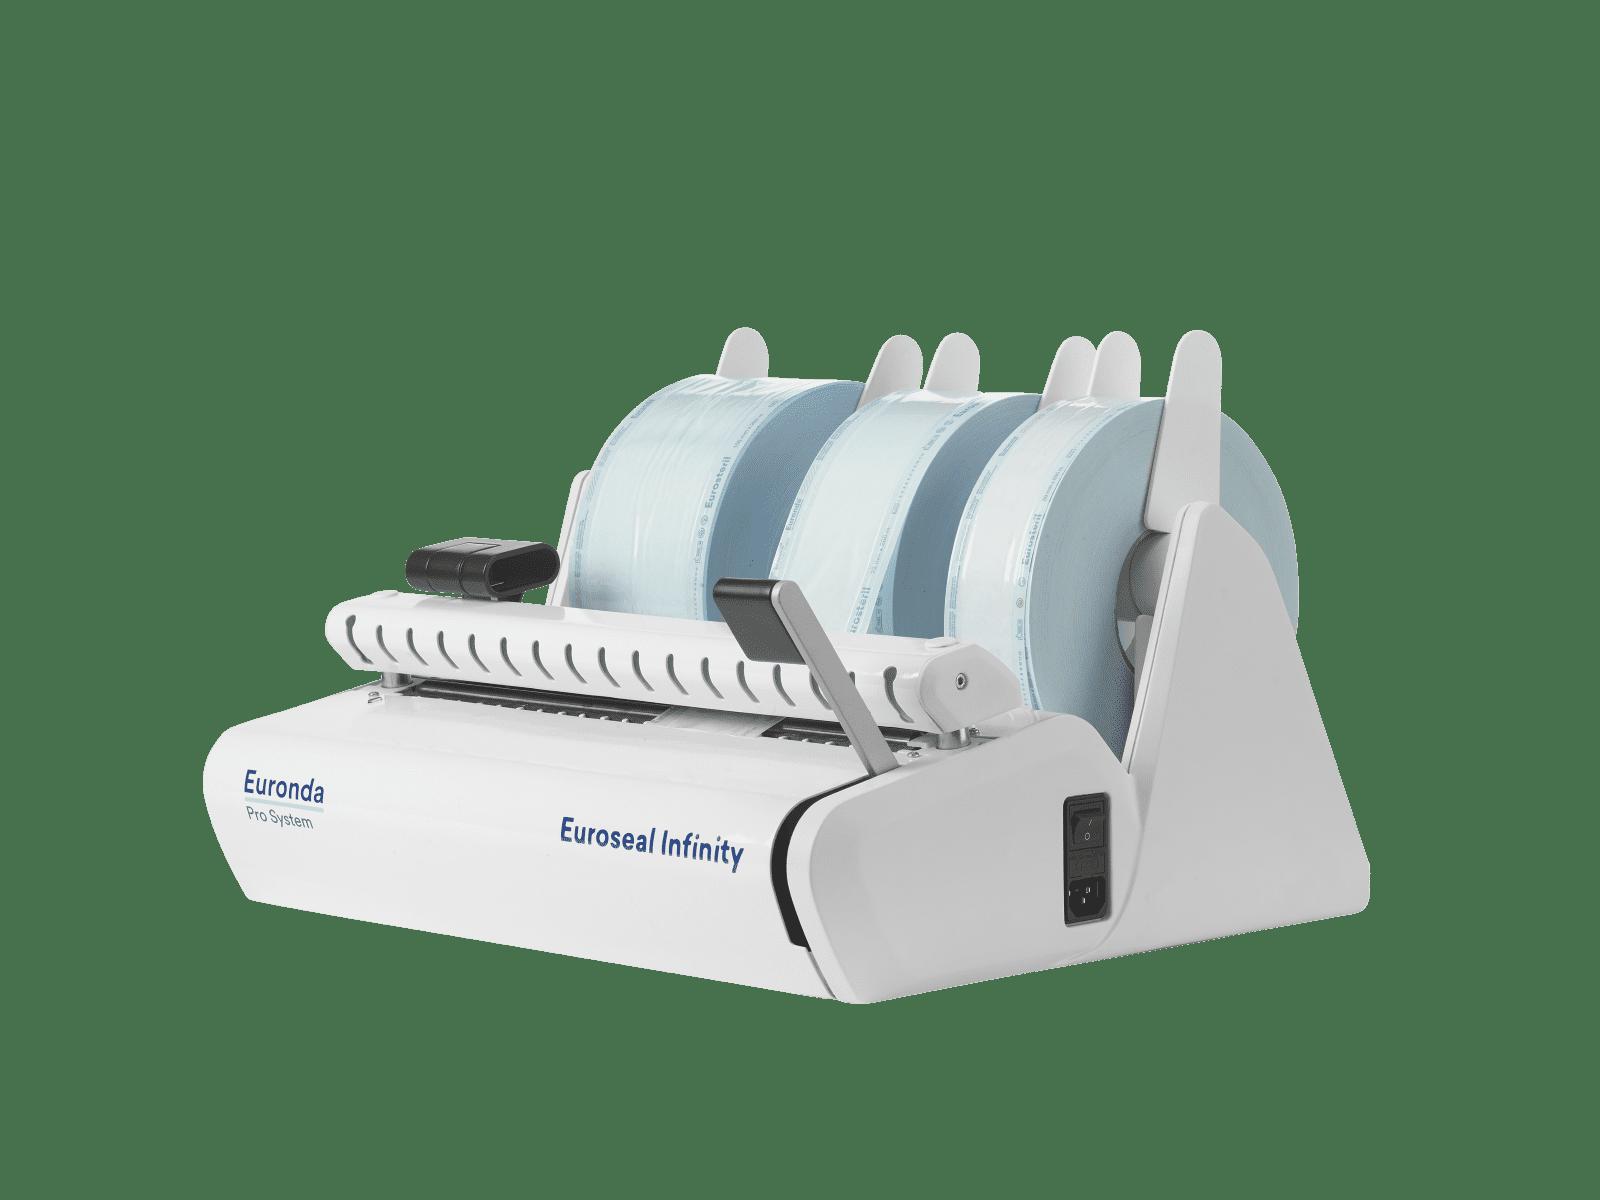 Euroseal Infinity - Foliensiegelgerät mit Rollenhalter